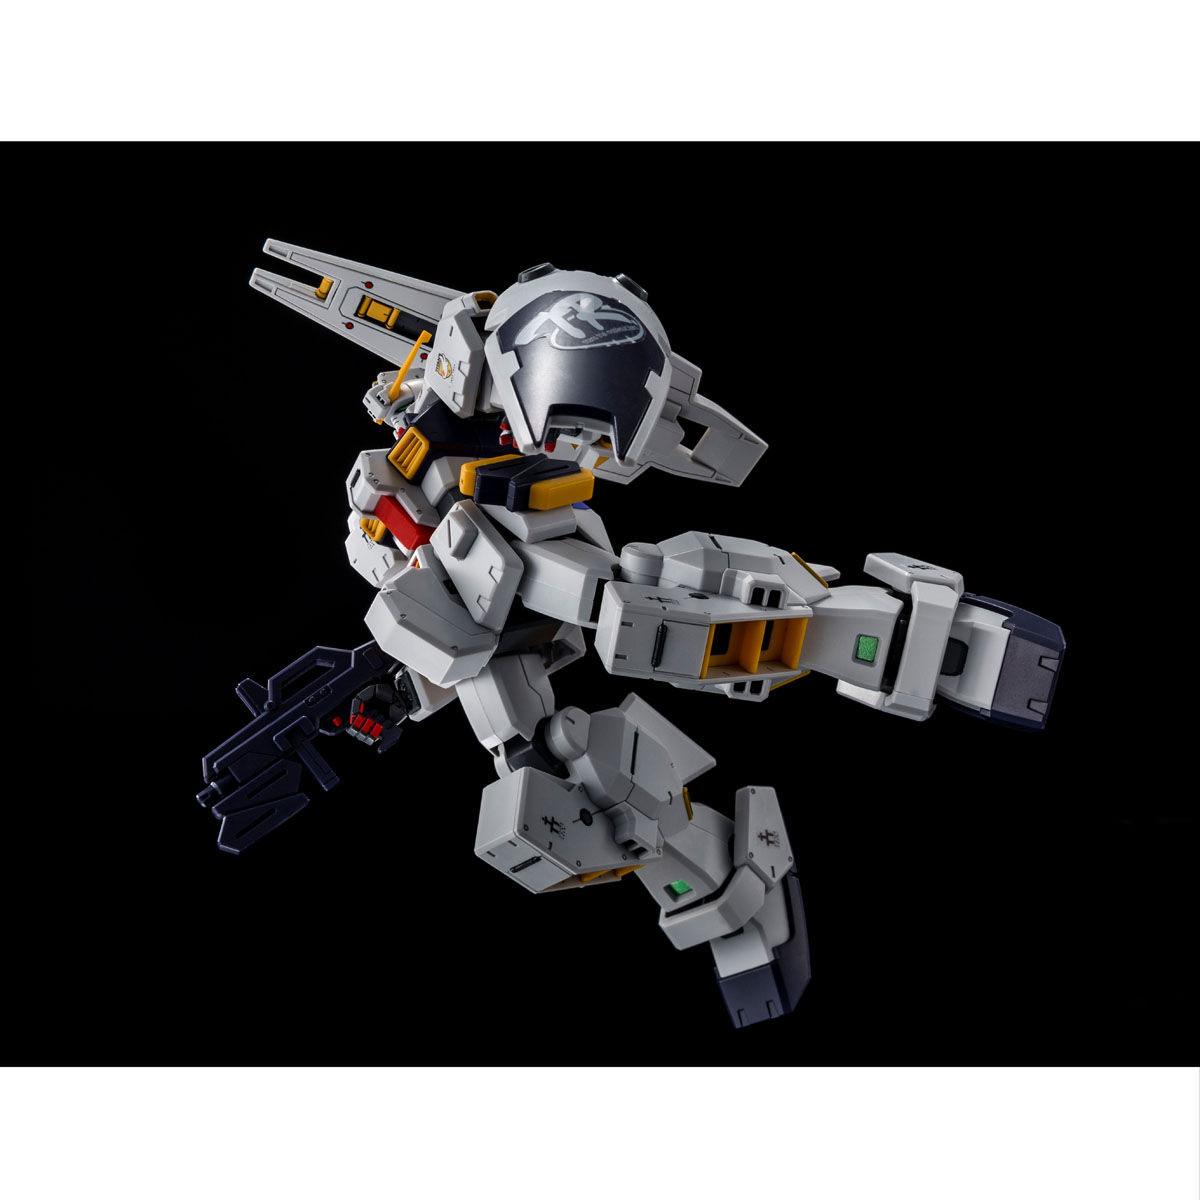 HG 1/144『ガンダムTR-1[ヘイズル改]&ガンダムTR-6用拡張パーツ』プラモデル-004